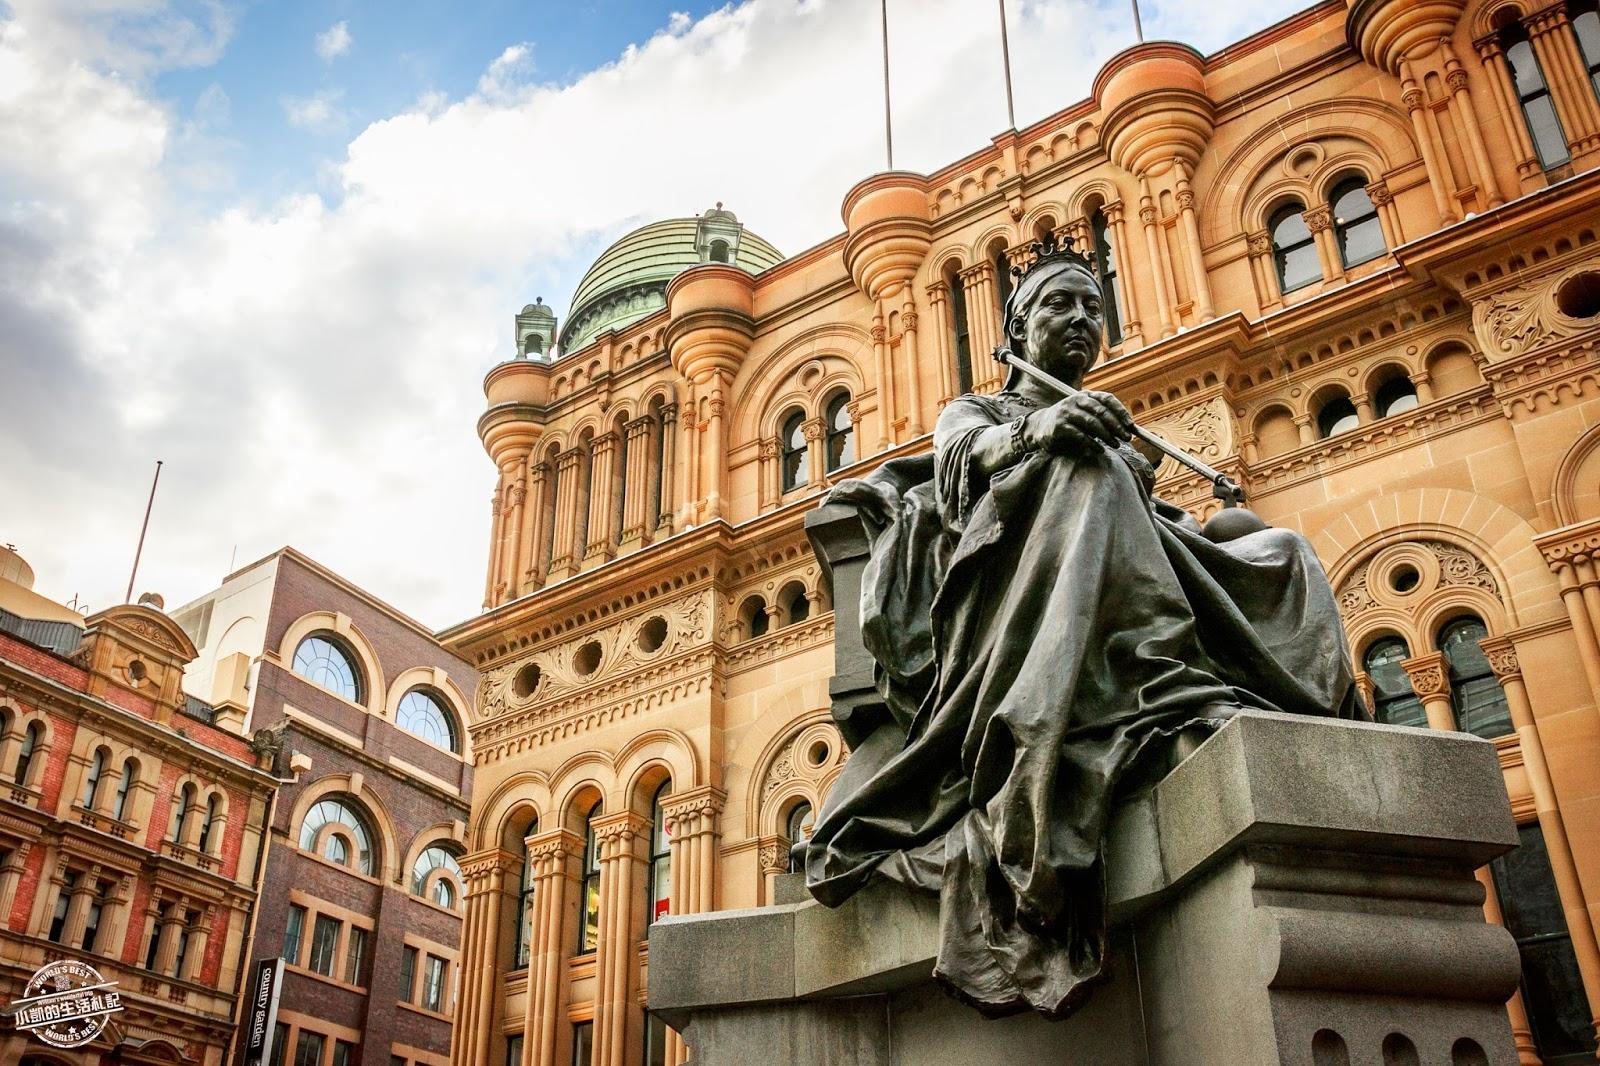 『澳洲雪梨自助行』| QVB 維多利亞女王大廈 | 市政廳 Town Hall | KINGS CROSS 國王十字區